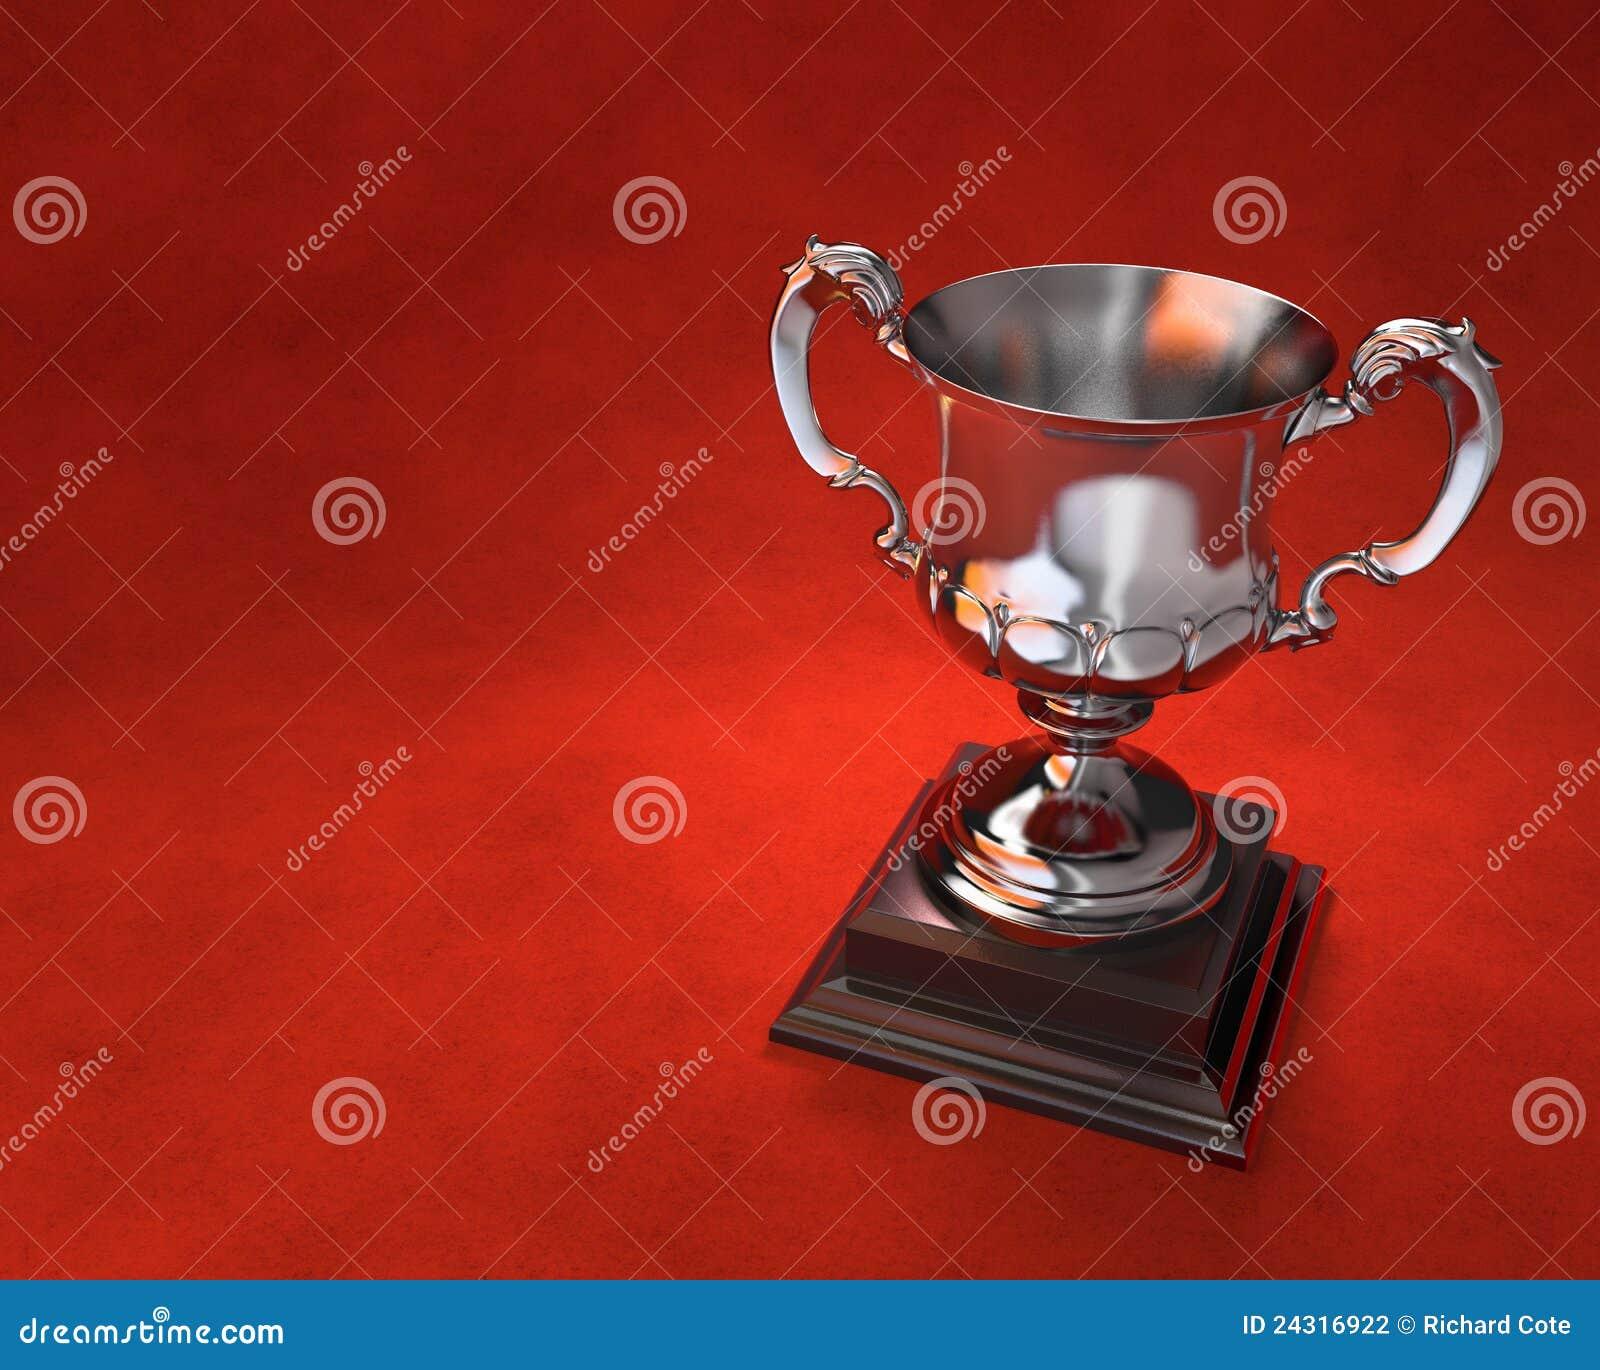 De kop van de trofee op stenen rand met rode achtergrond